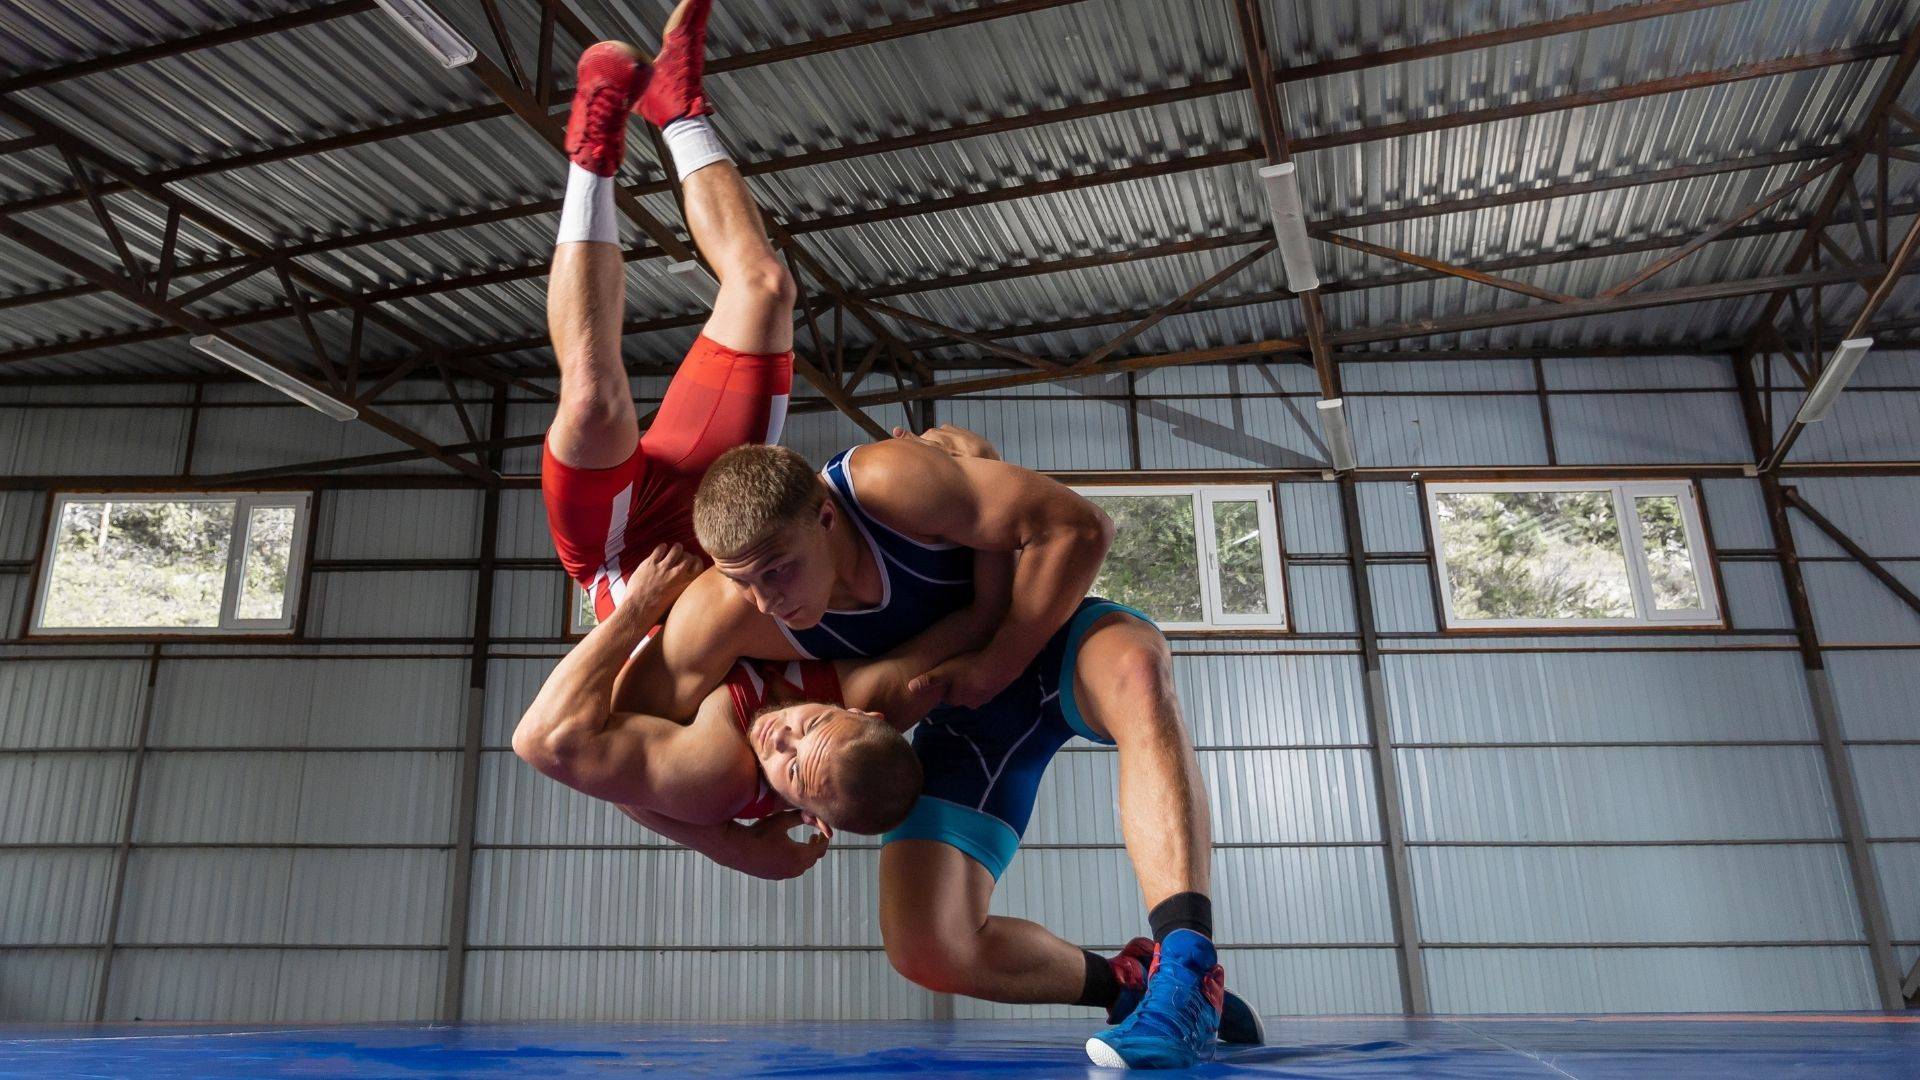 Luta é um dos esportes olímpicos mais antigos (Shutterstock)